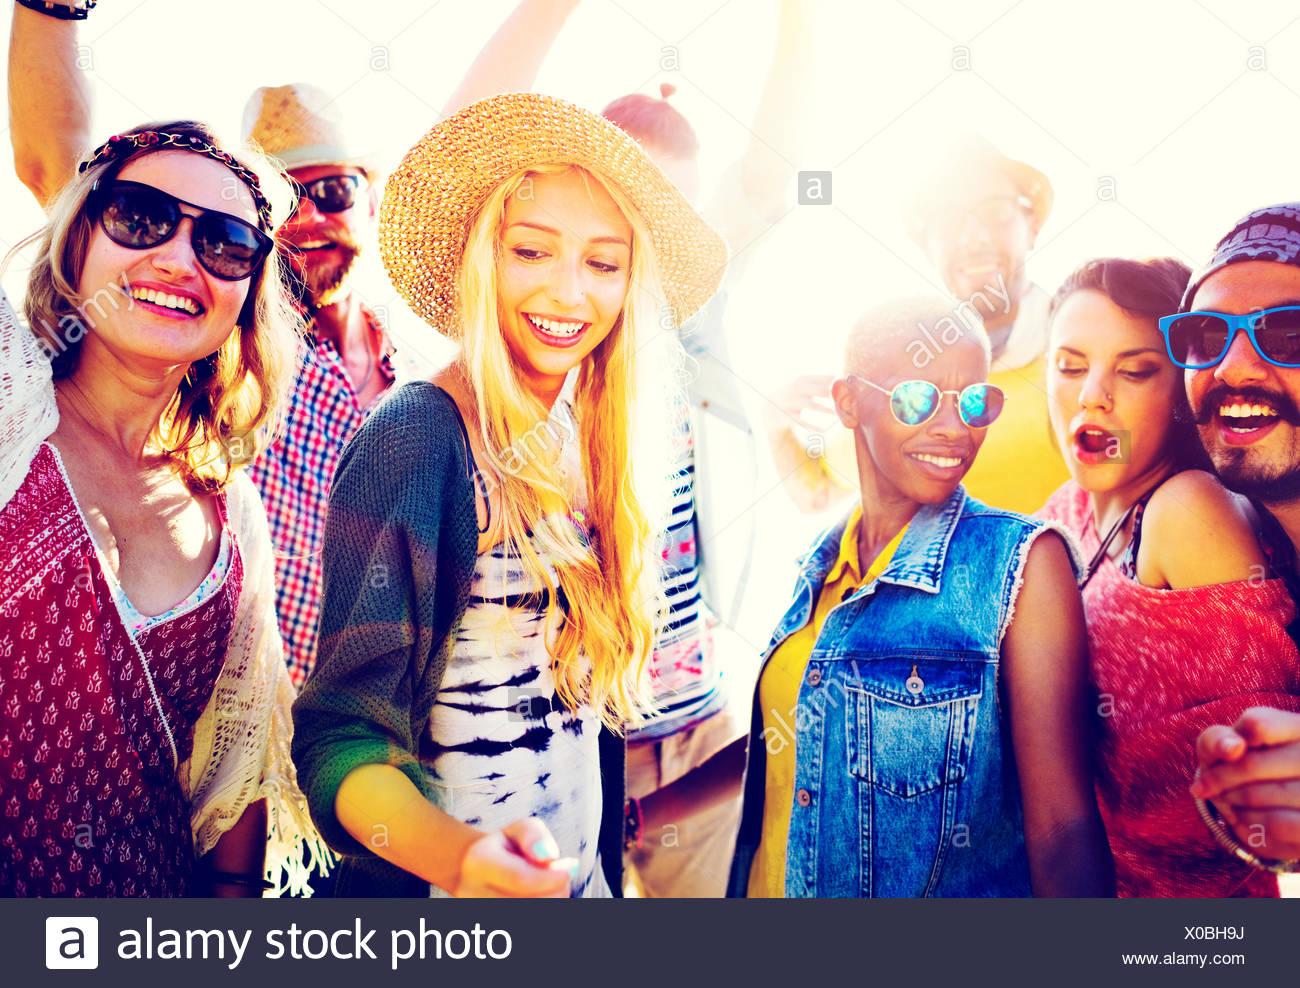 Les adolescents amis Beach Party Concept Bonheur Photo Stock